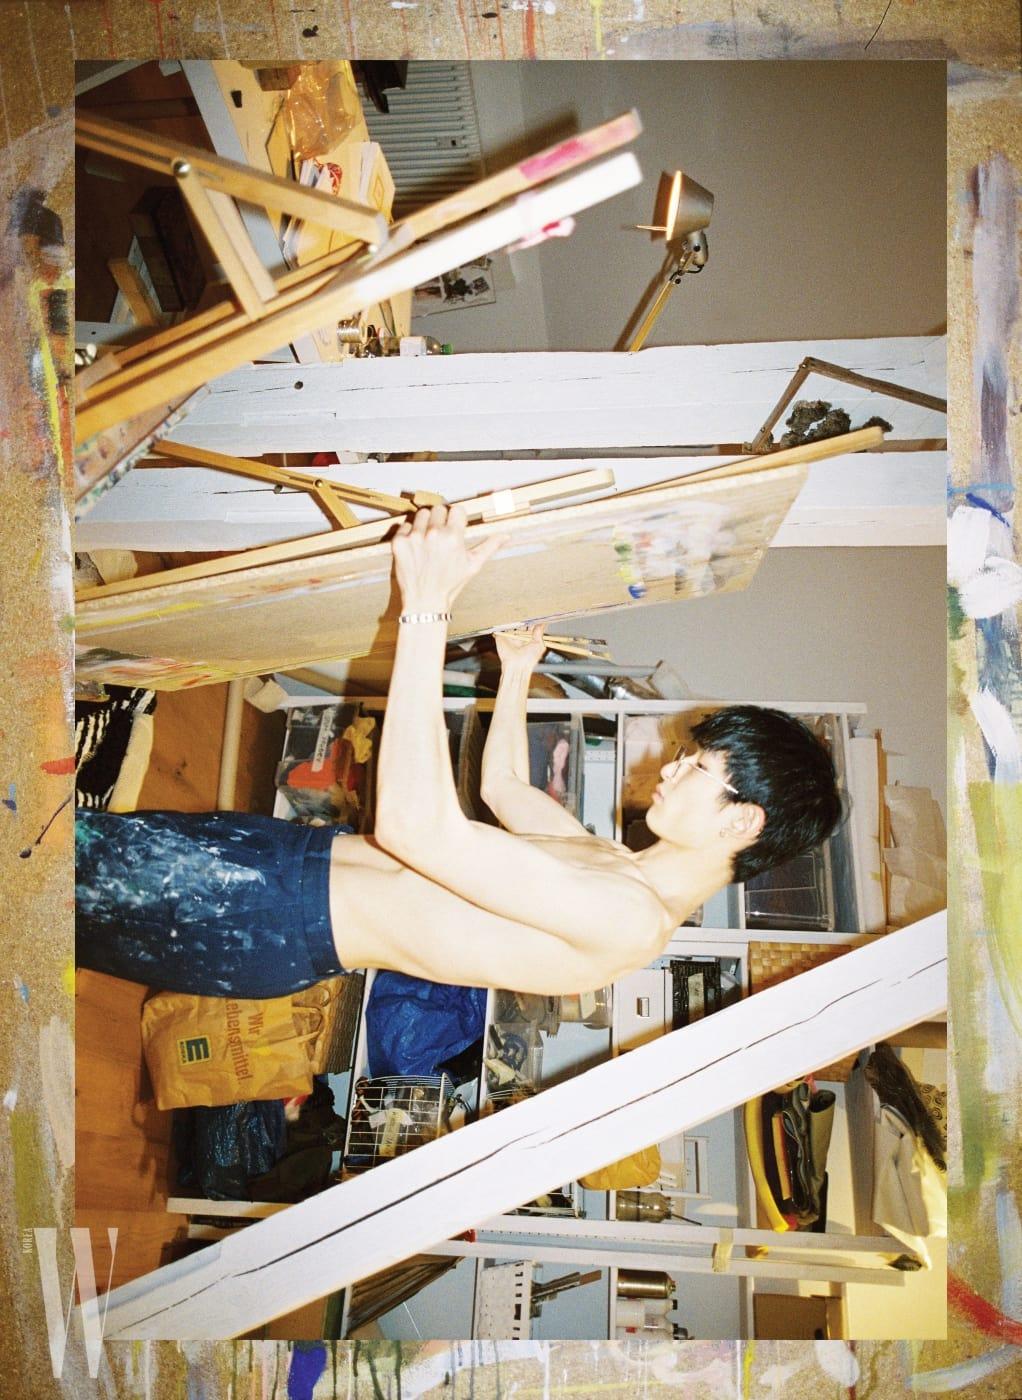 베를린에서의 그룹 전시를 위해 작업하던 공간. 페인트가 잔뜩 묻은 작업복은 개인 소장품. 슈트와